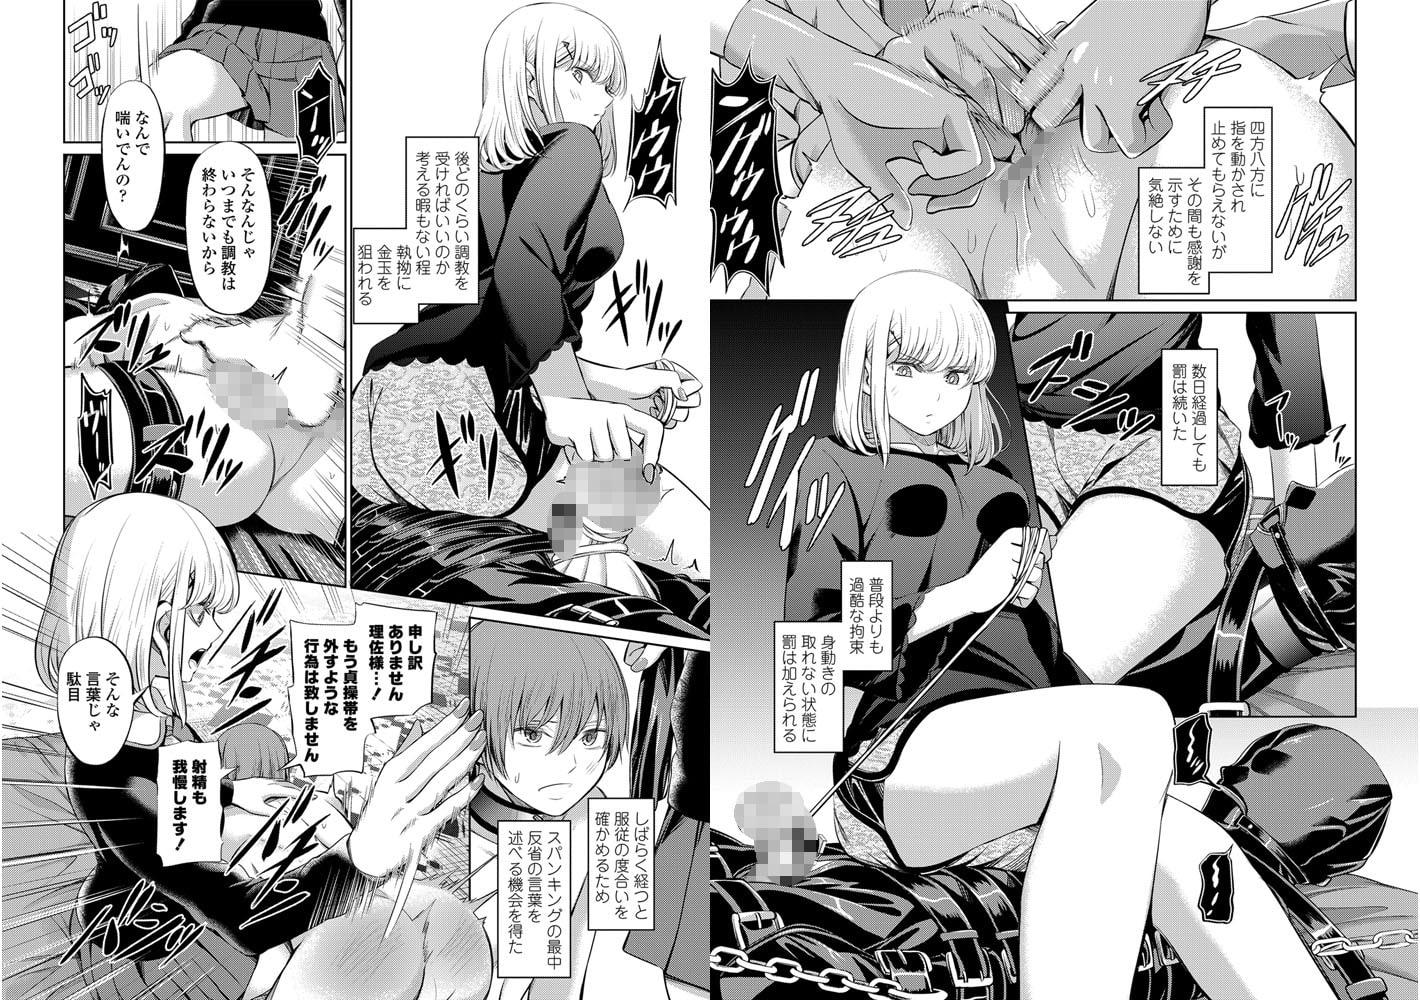 ペニバン逆アナル!ドライオーガズムで絶頂したいM男向けエロ漫画 BEST 10